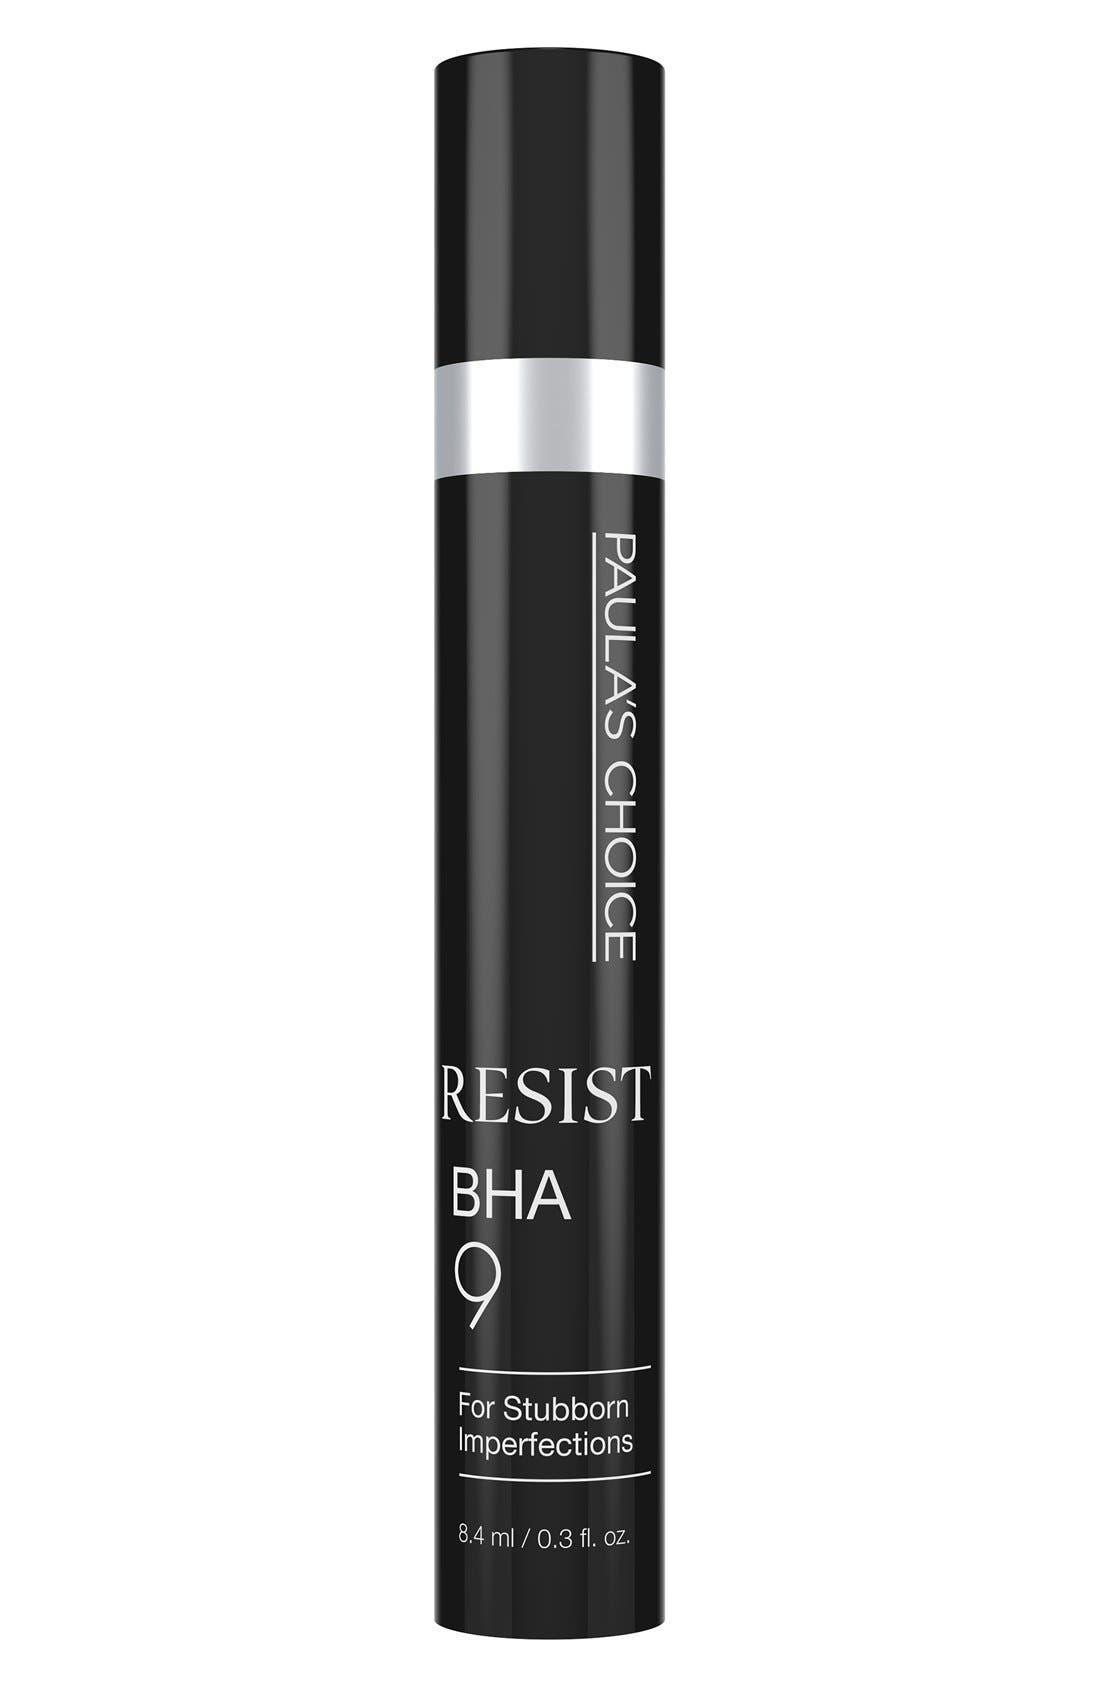 Resist BHA 9,                             Main thumbnail 1, color,                             NO COLOR